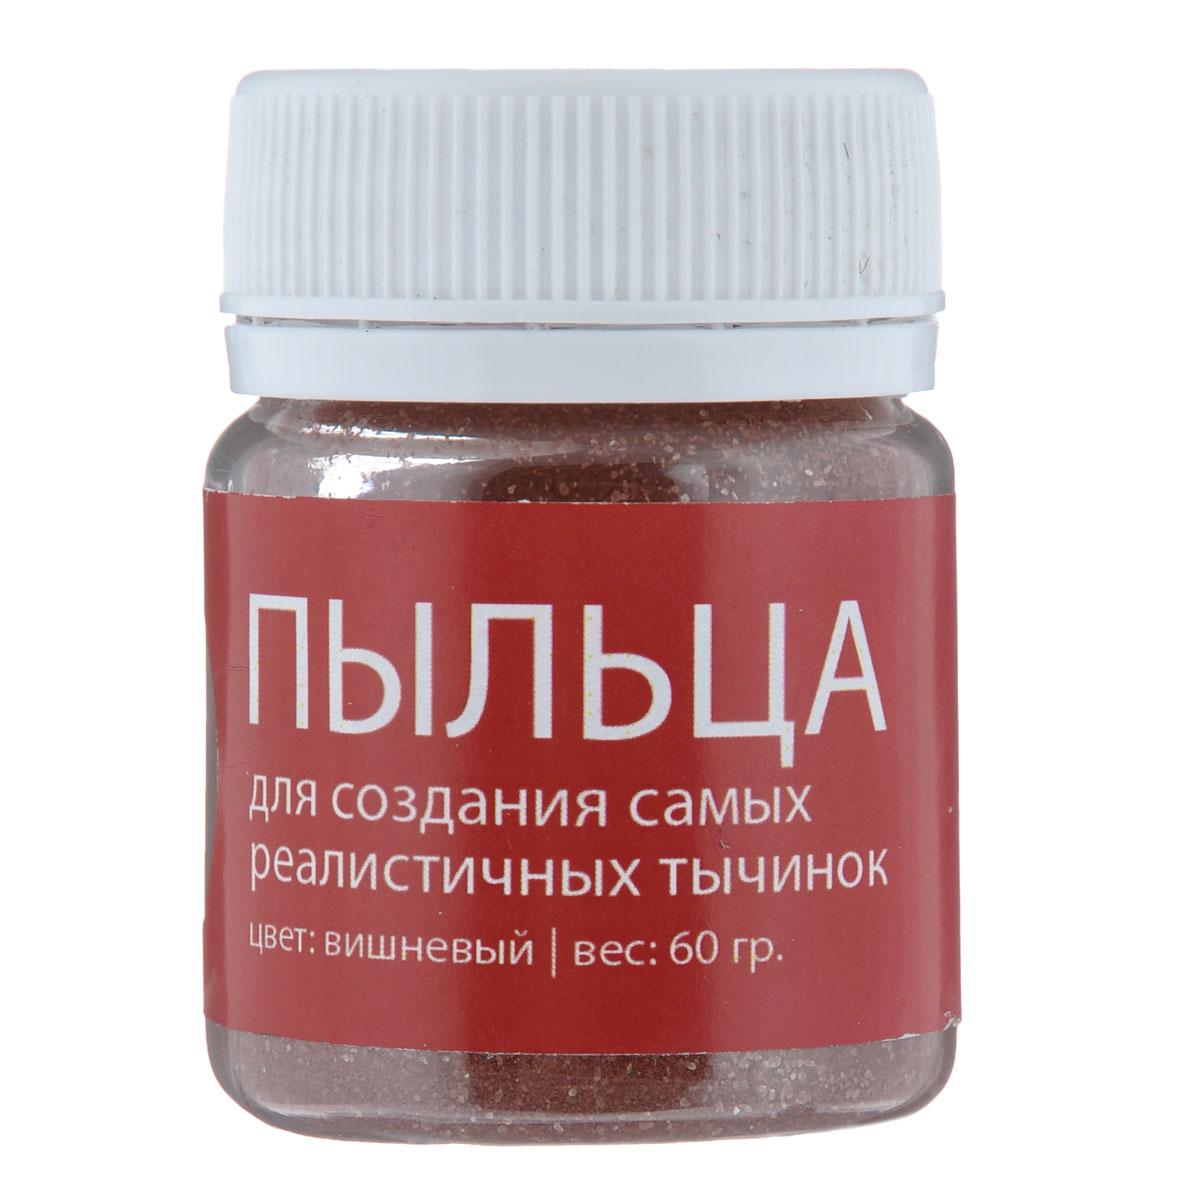 Пыльца декоративная Fleur, цвет: вишневый, 60 г03-0055Бархатная пыльца Fleur состоит из тончайших ворсинок. Пыльца предназначена для придания натурального эффекта пыльцы. Используется в бумажном творчестве, а также для изготовления и декорирования цветов во флористике. Наносится на тычинки или серединку цветов.